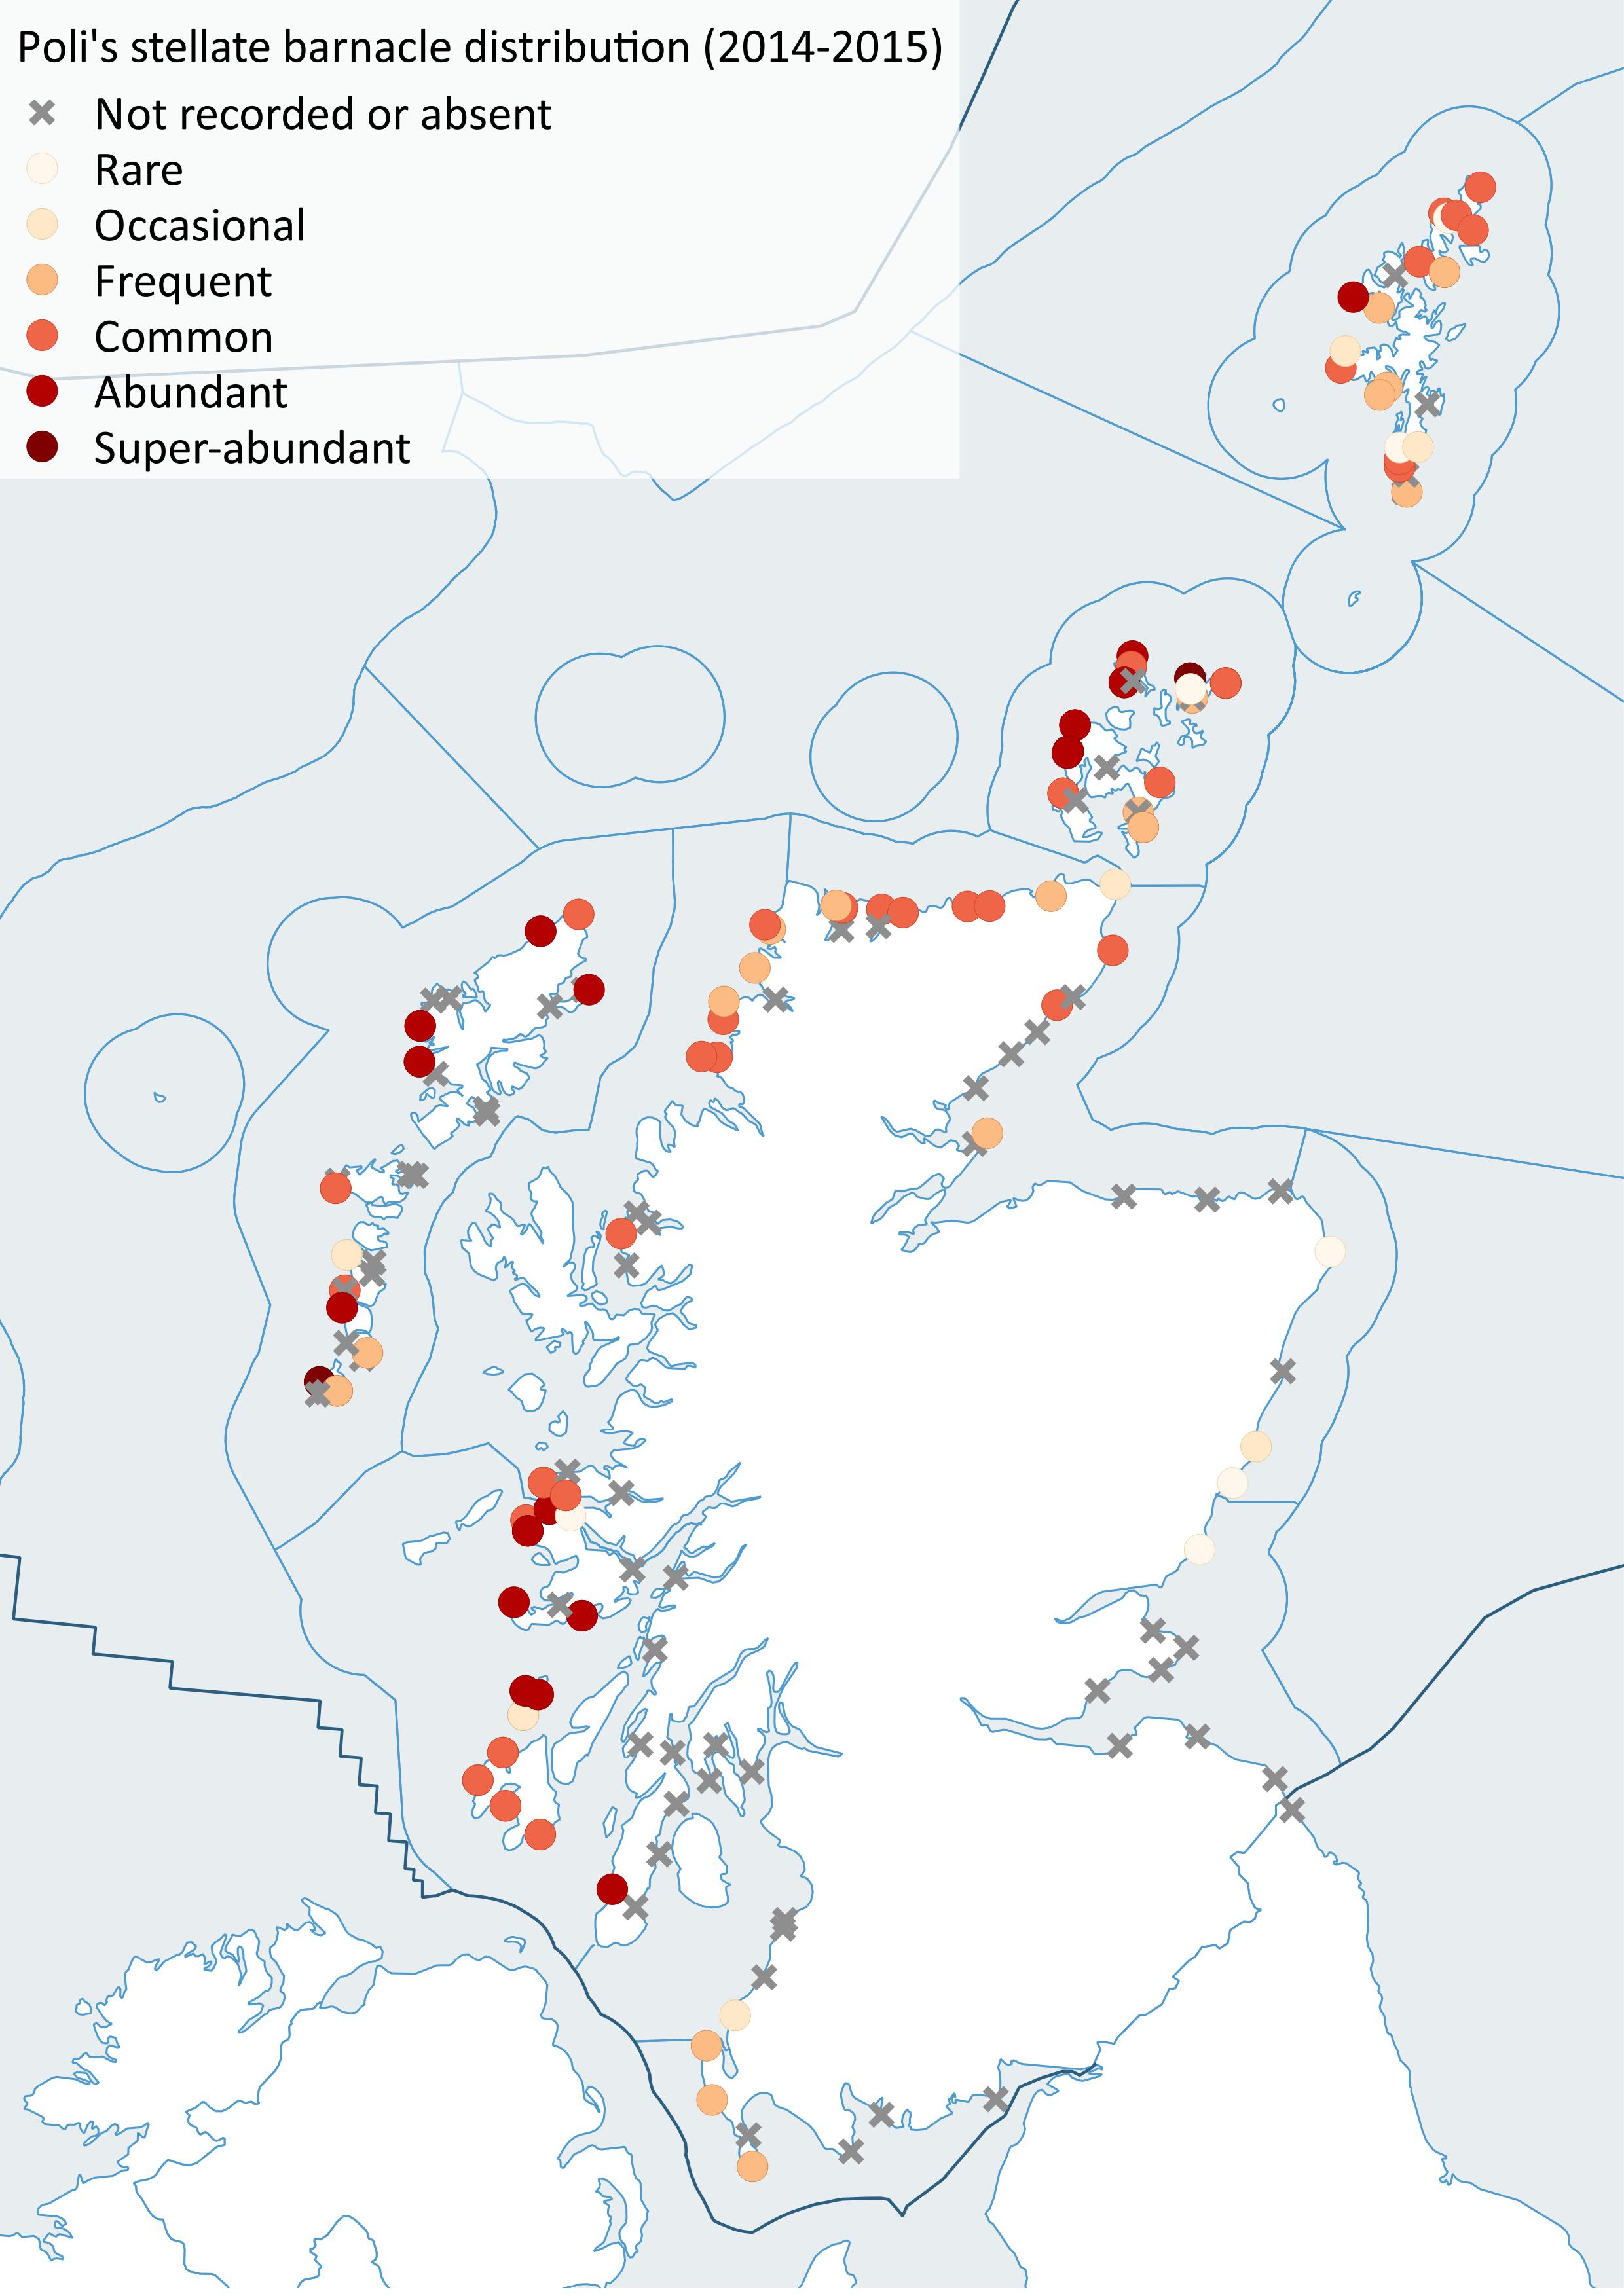 Distribution of Poli's stellate barnacle (Chthamalus stellatus), 2014-2015